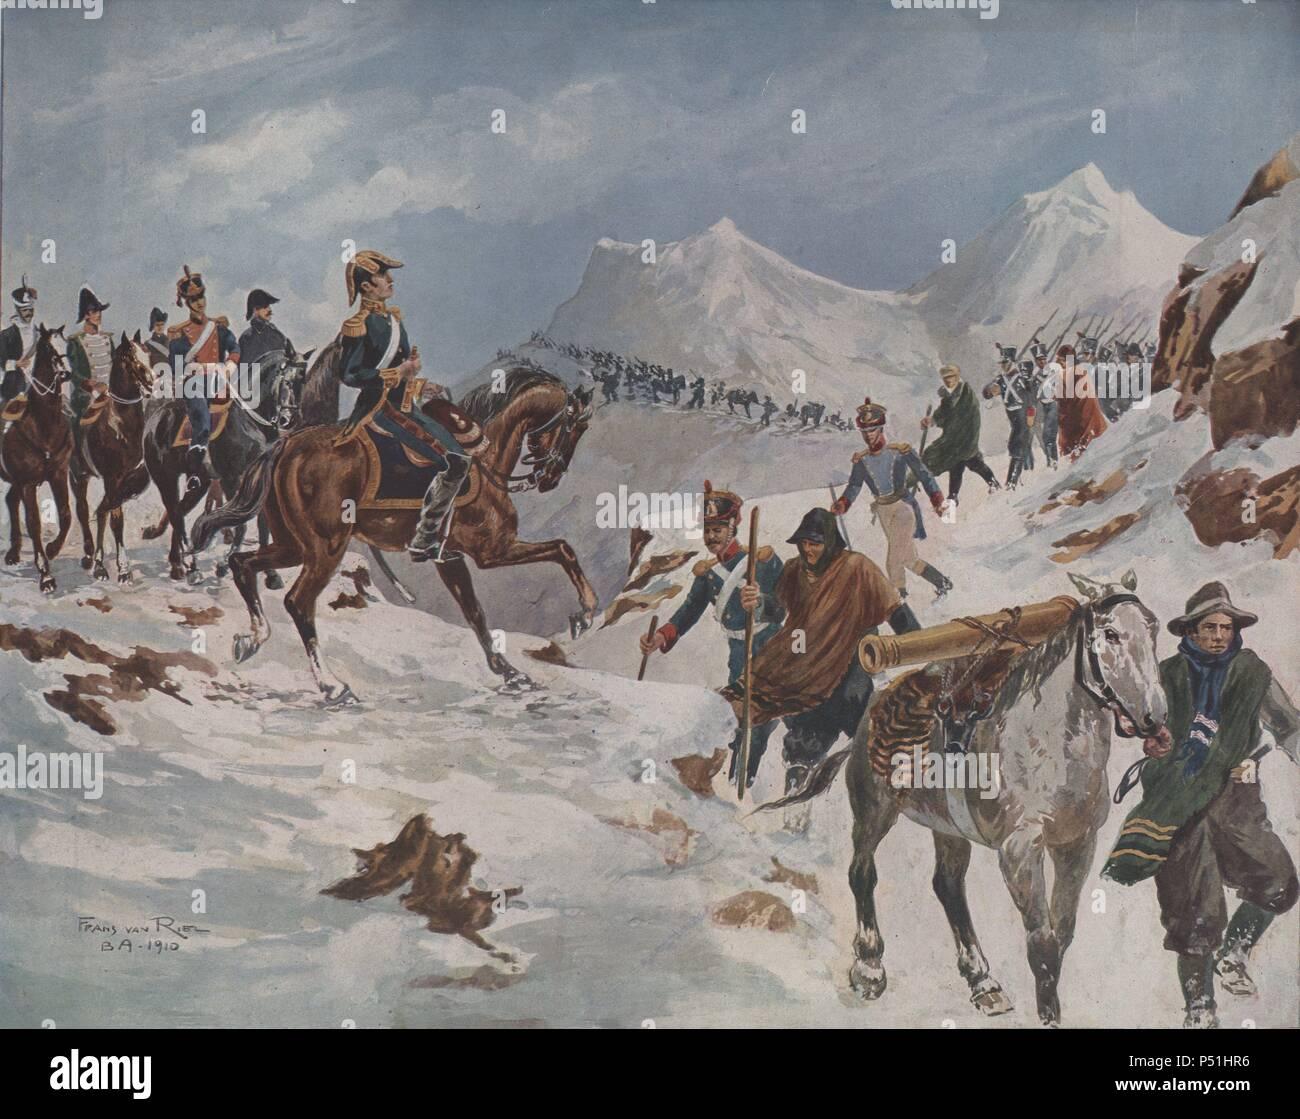 Argentina. El general San Martín pasando los Andes con el cuerpo expedicionario de 4.000 hombres, 17 de enero de 1817. Dibujo de Franz van Riel, Buenos Aires, 1910. - Stock Image